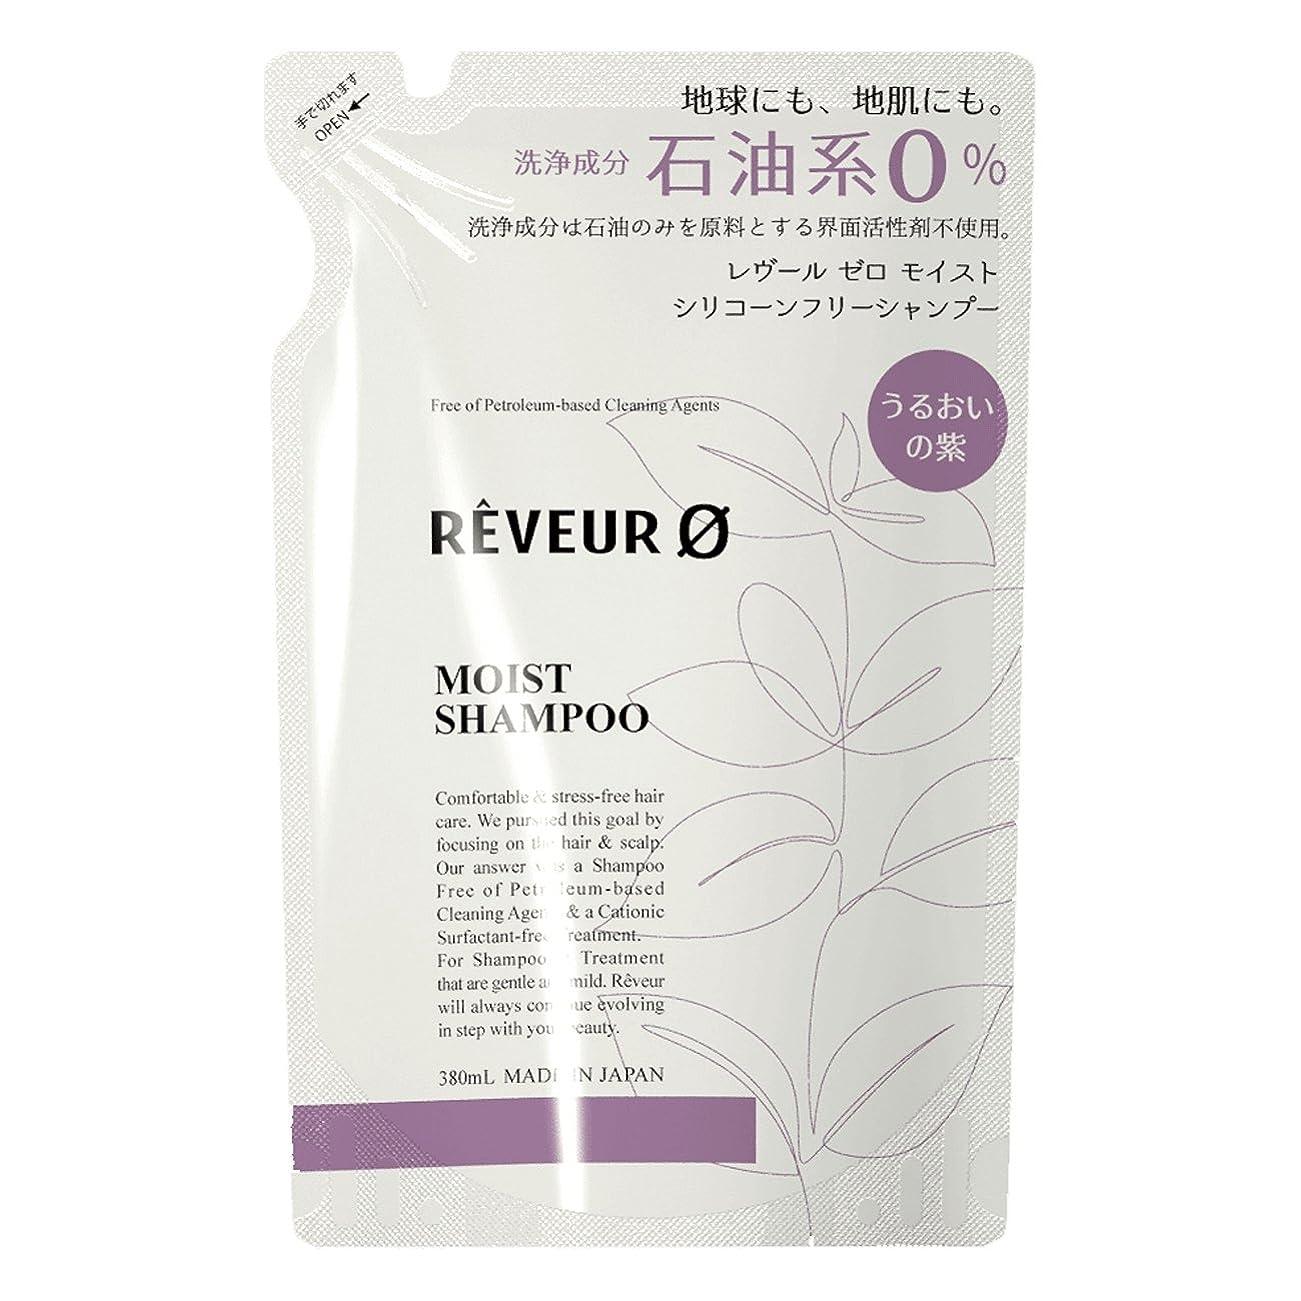 カタログコーヒー成人期Reveur0(レヴール ゼロ) モイスト シリコーンフリー シャンプー 〈詰替〉 (380mL)